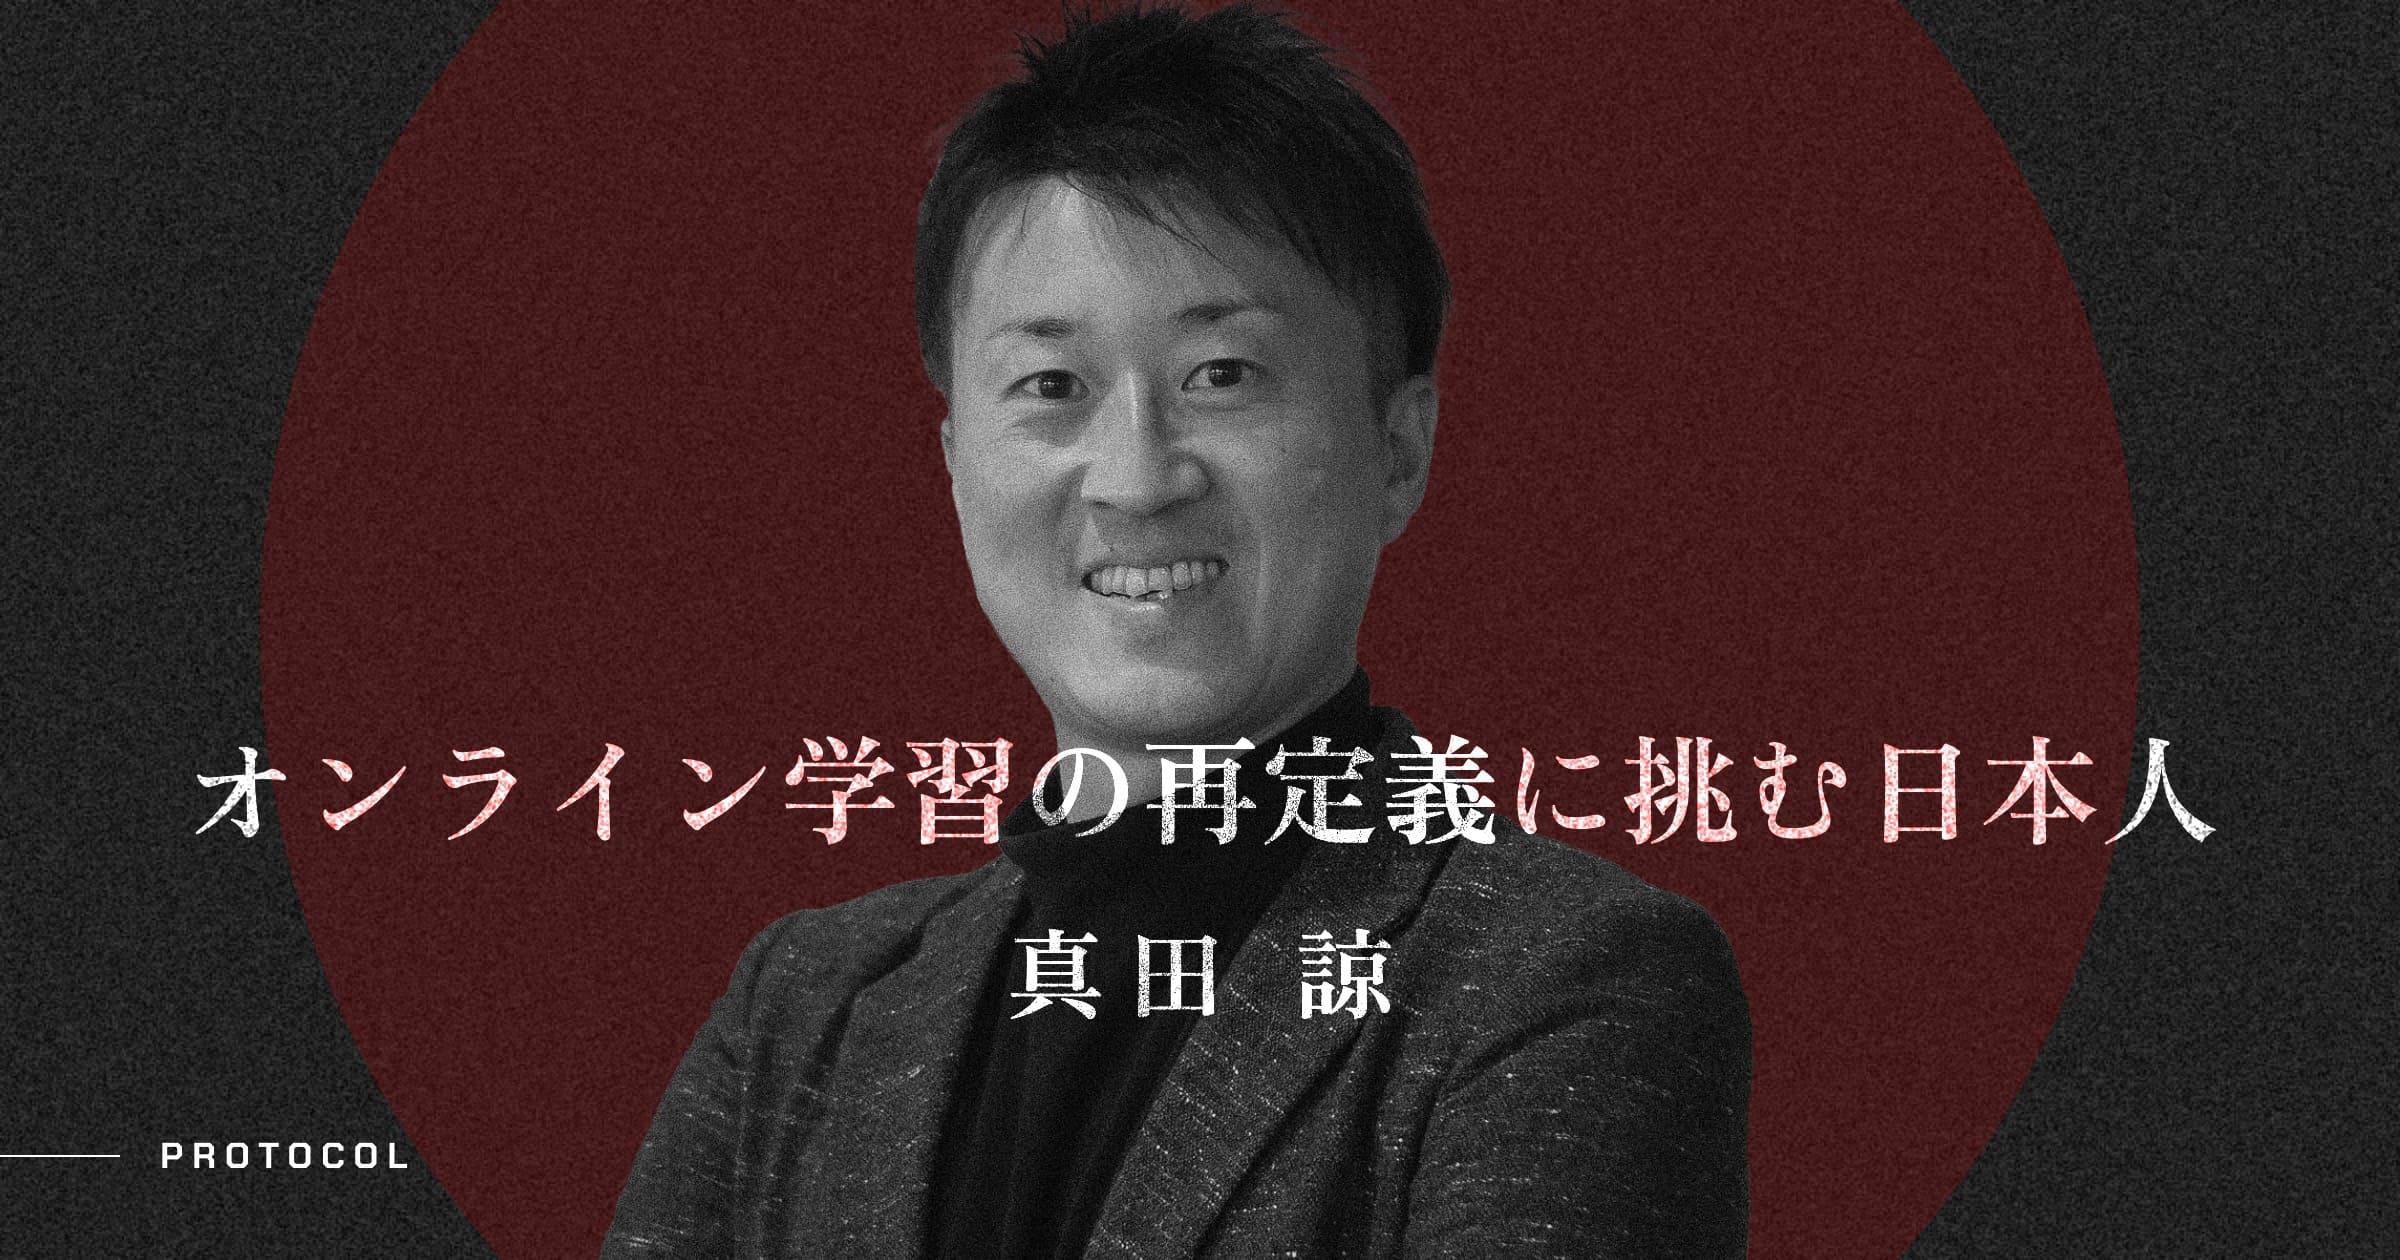 【真田諒】世界のオンライン学習の再定義に挑む日本人起業家